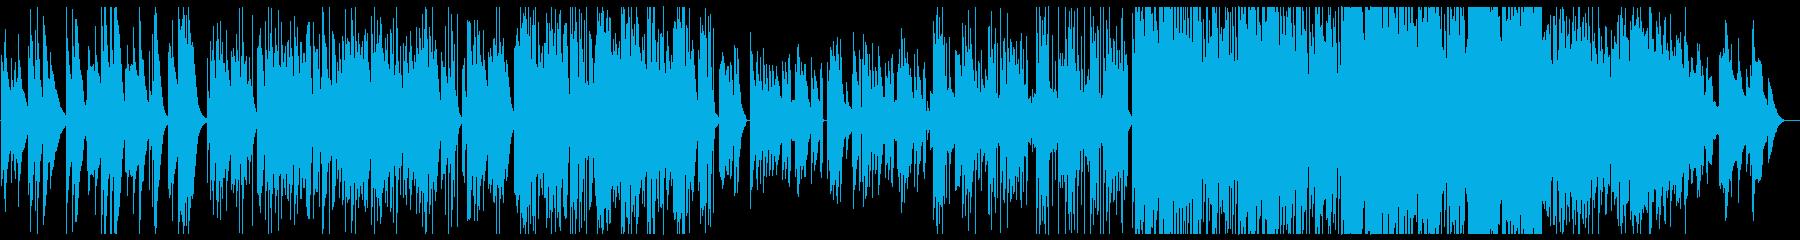 和風音階 雪 オルゴール エレクトロニカの再生済みの波形